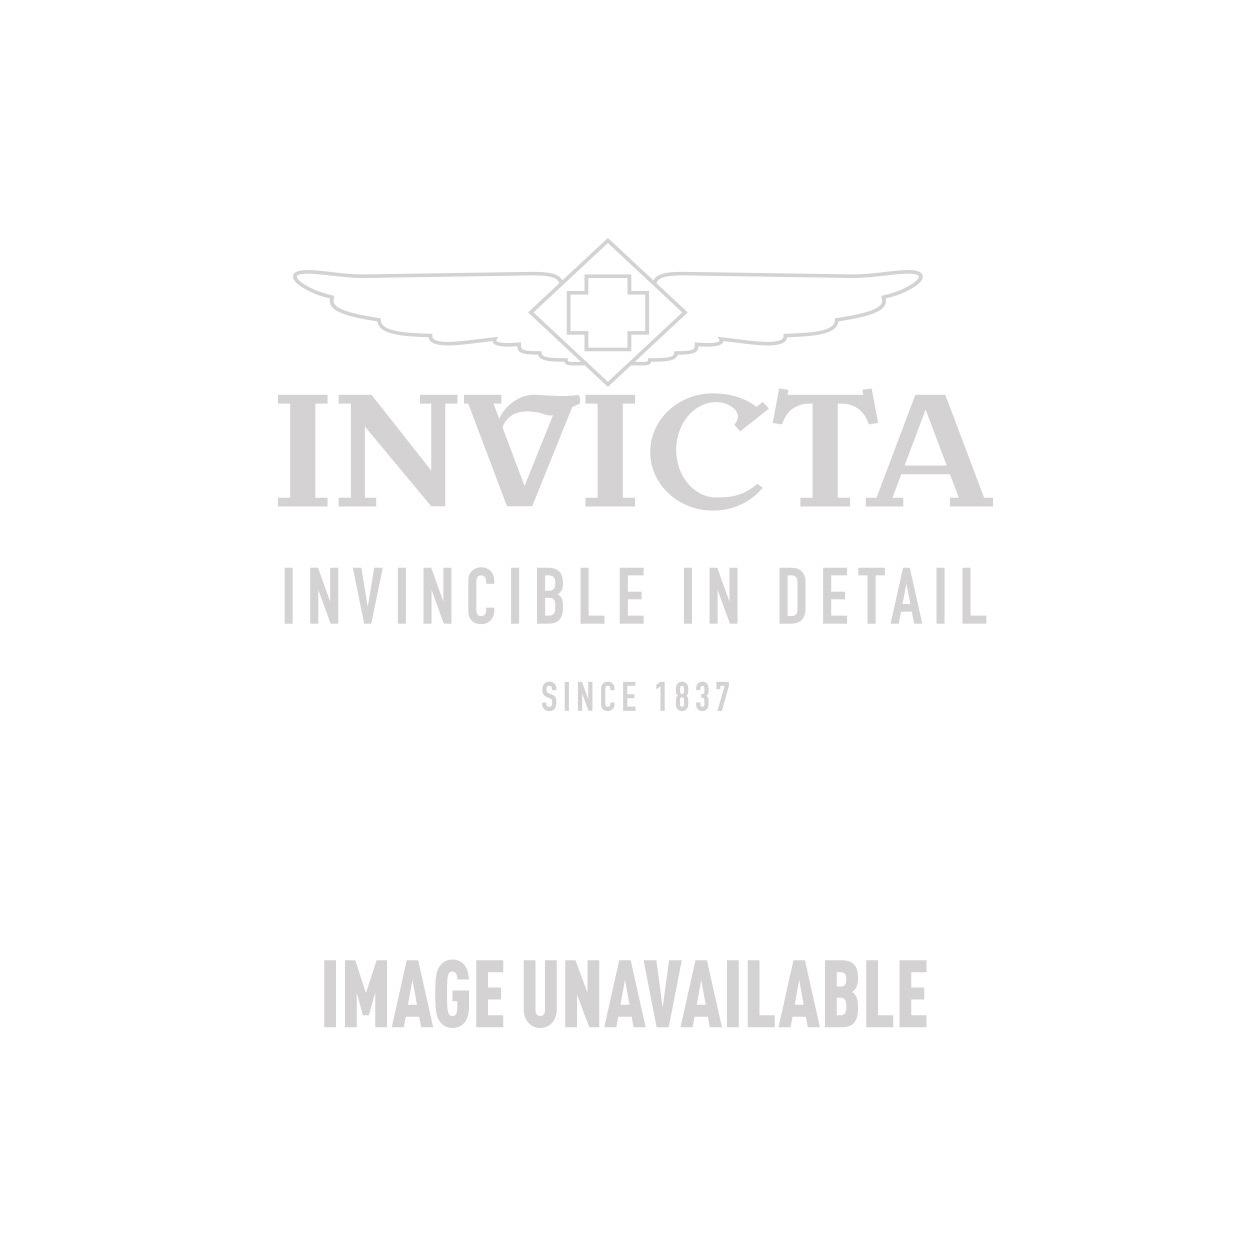 Invicta Model 25128